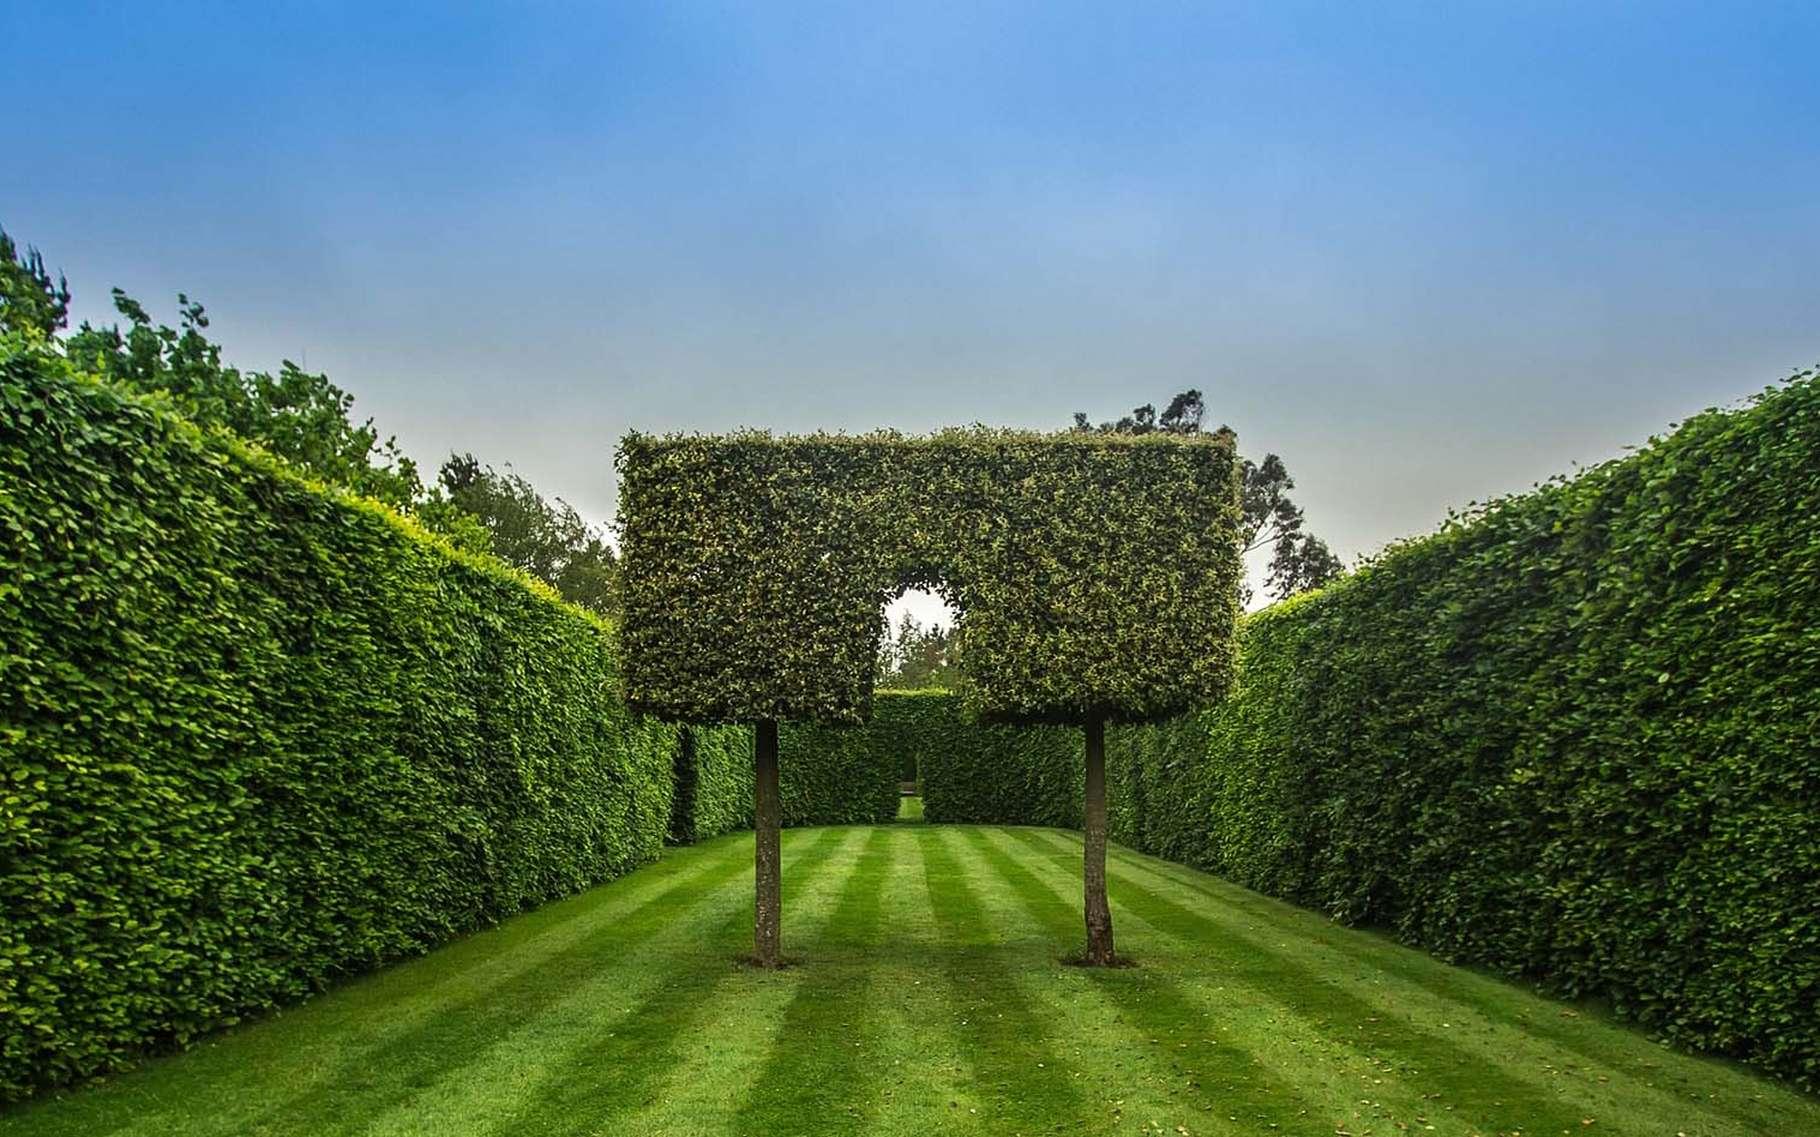 Une magnifique haie de jardin. © Diego Torres, Pixabay, DP